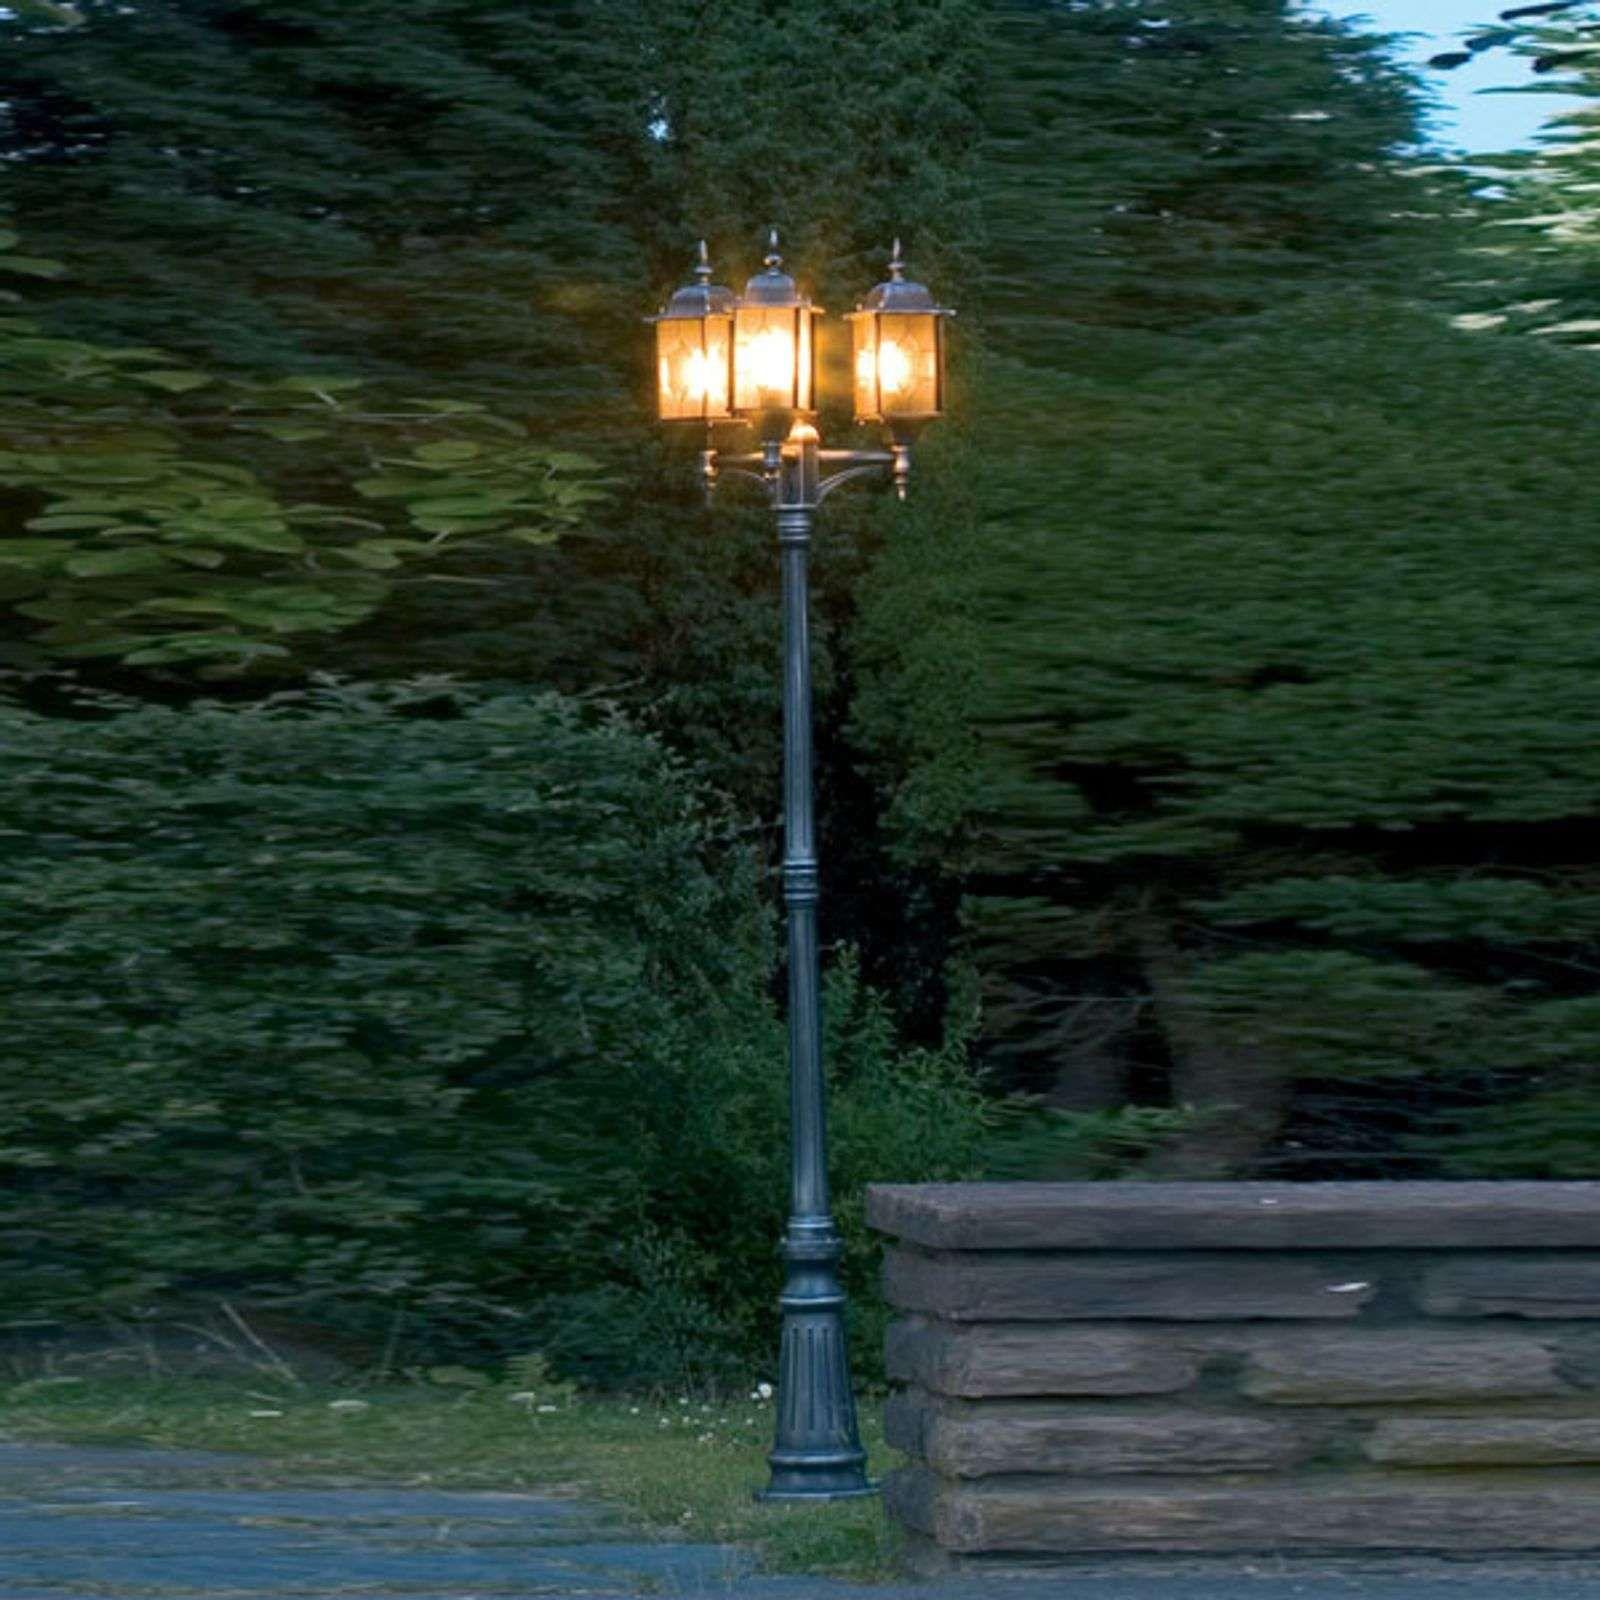 3 Lichts Buitenlantaarn Milano In Zwart En Zilver Luminaire Exterieur Design Lampadaire Lampadaire Exterieur